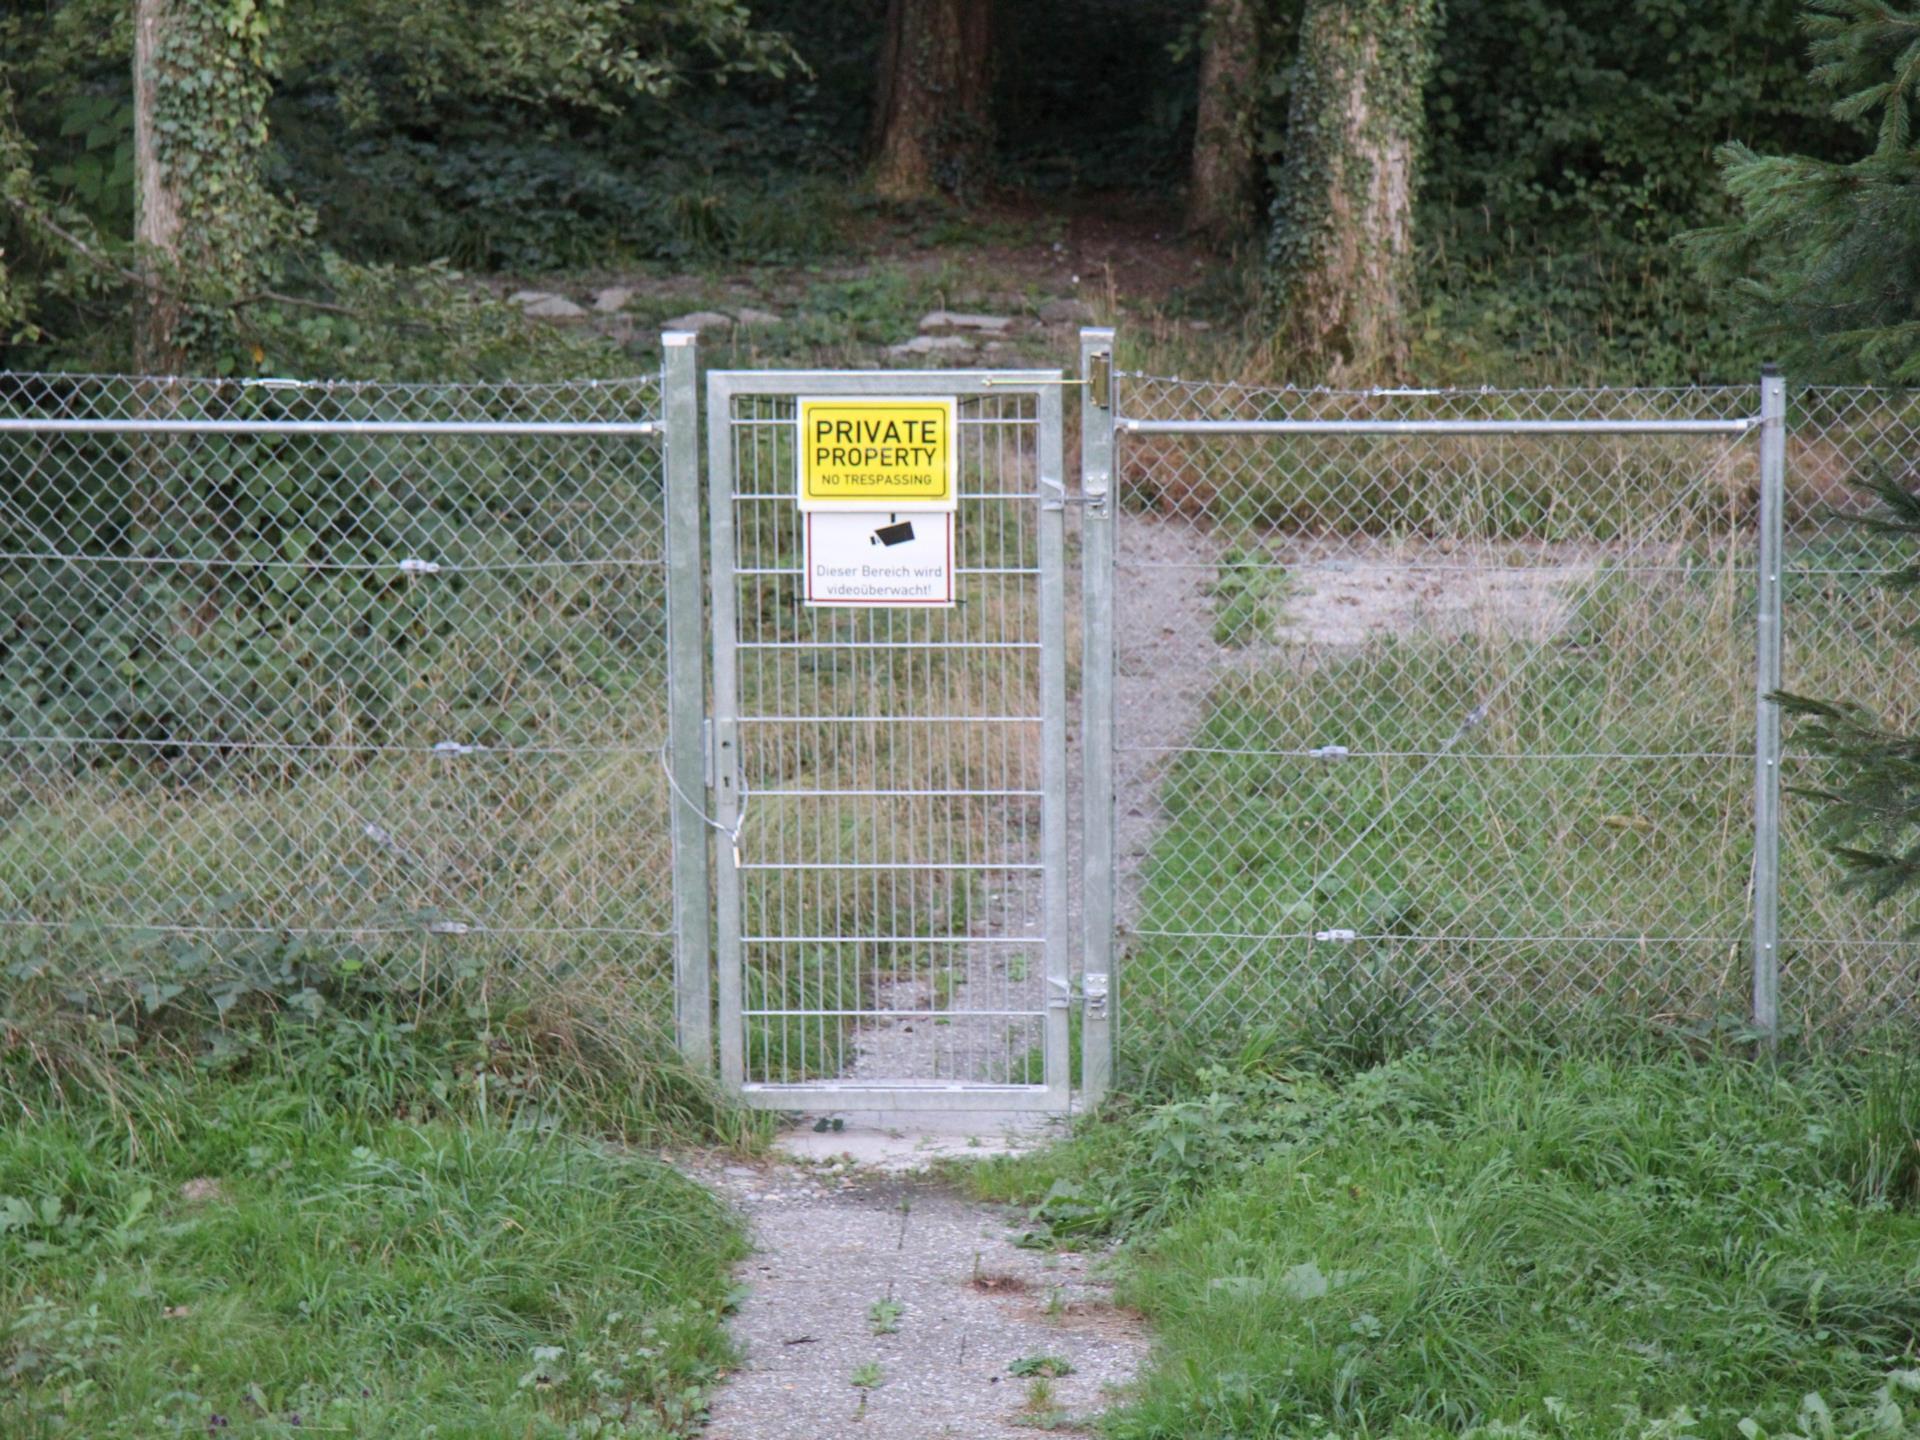 Rastplatz Rankweil: Das Tor zum Wald bleibt von nun an